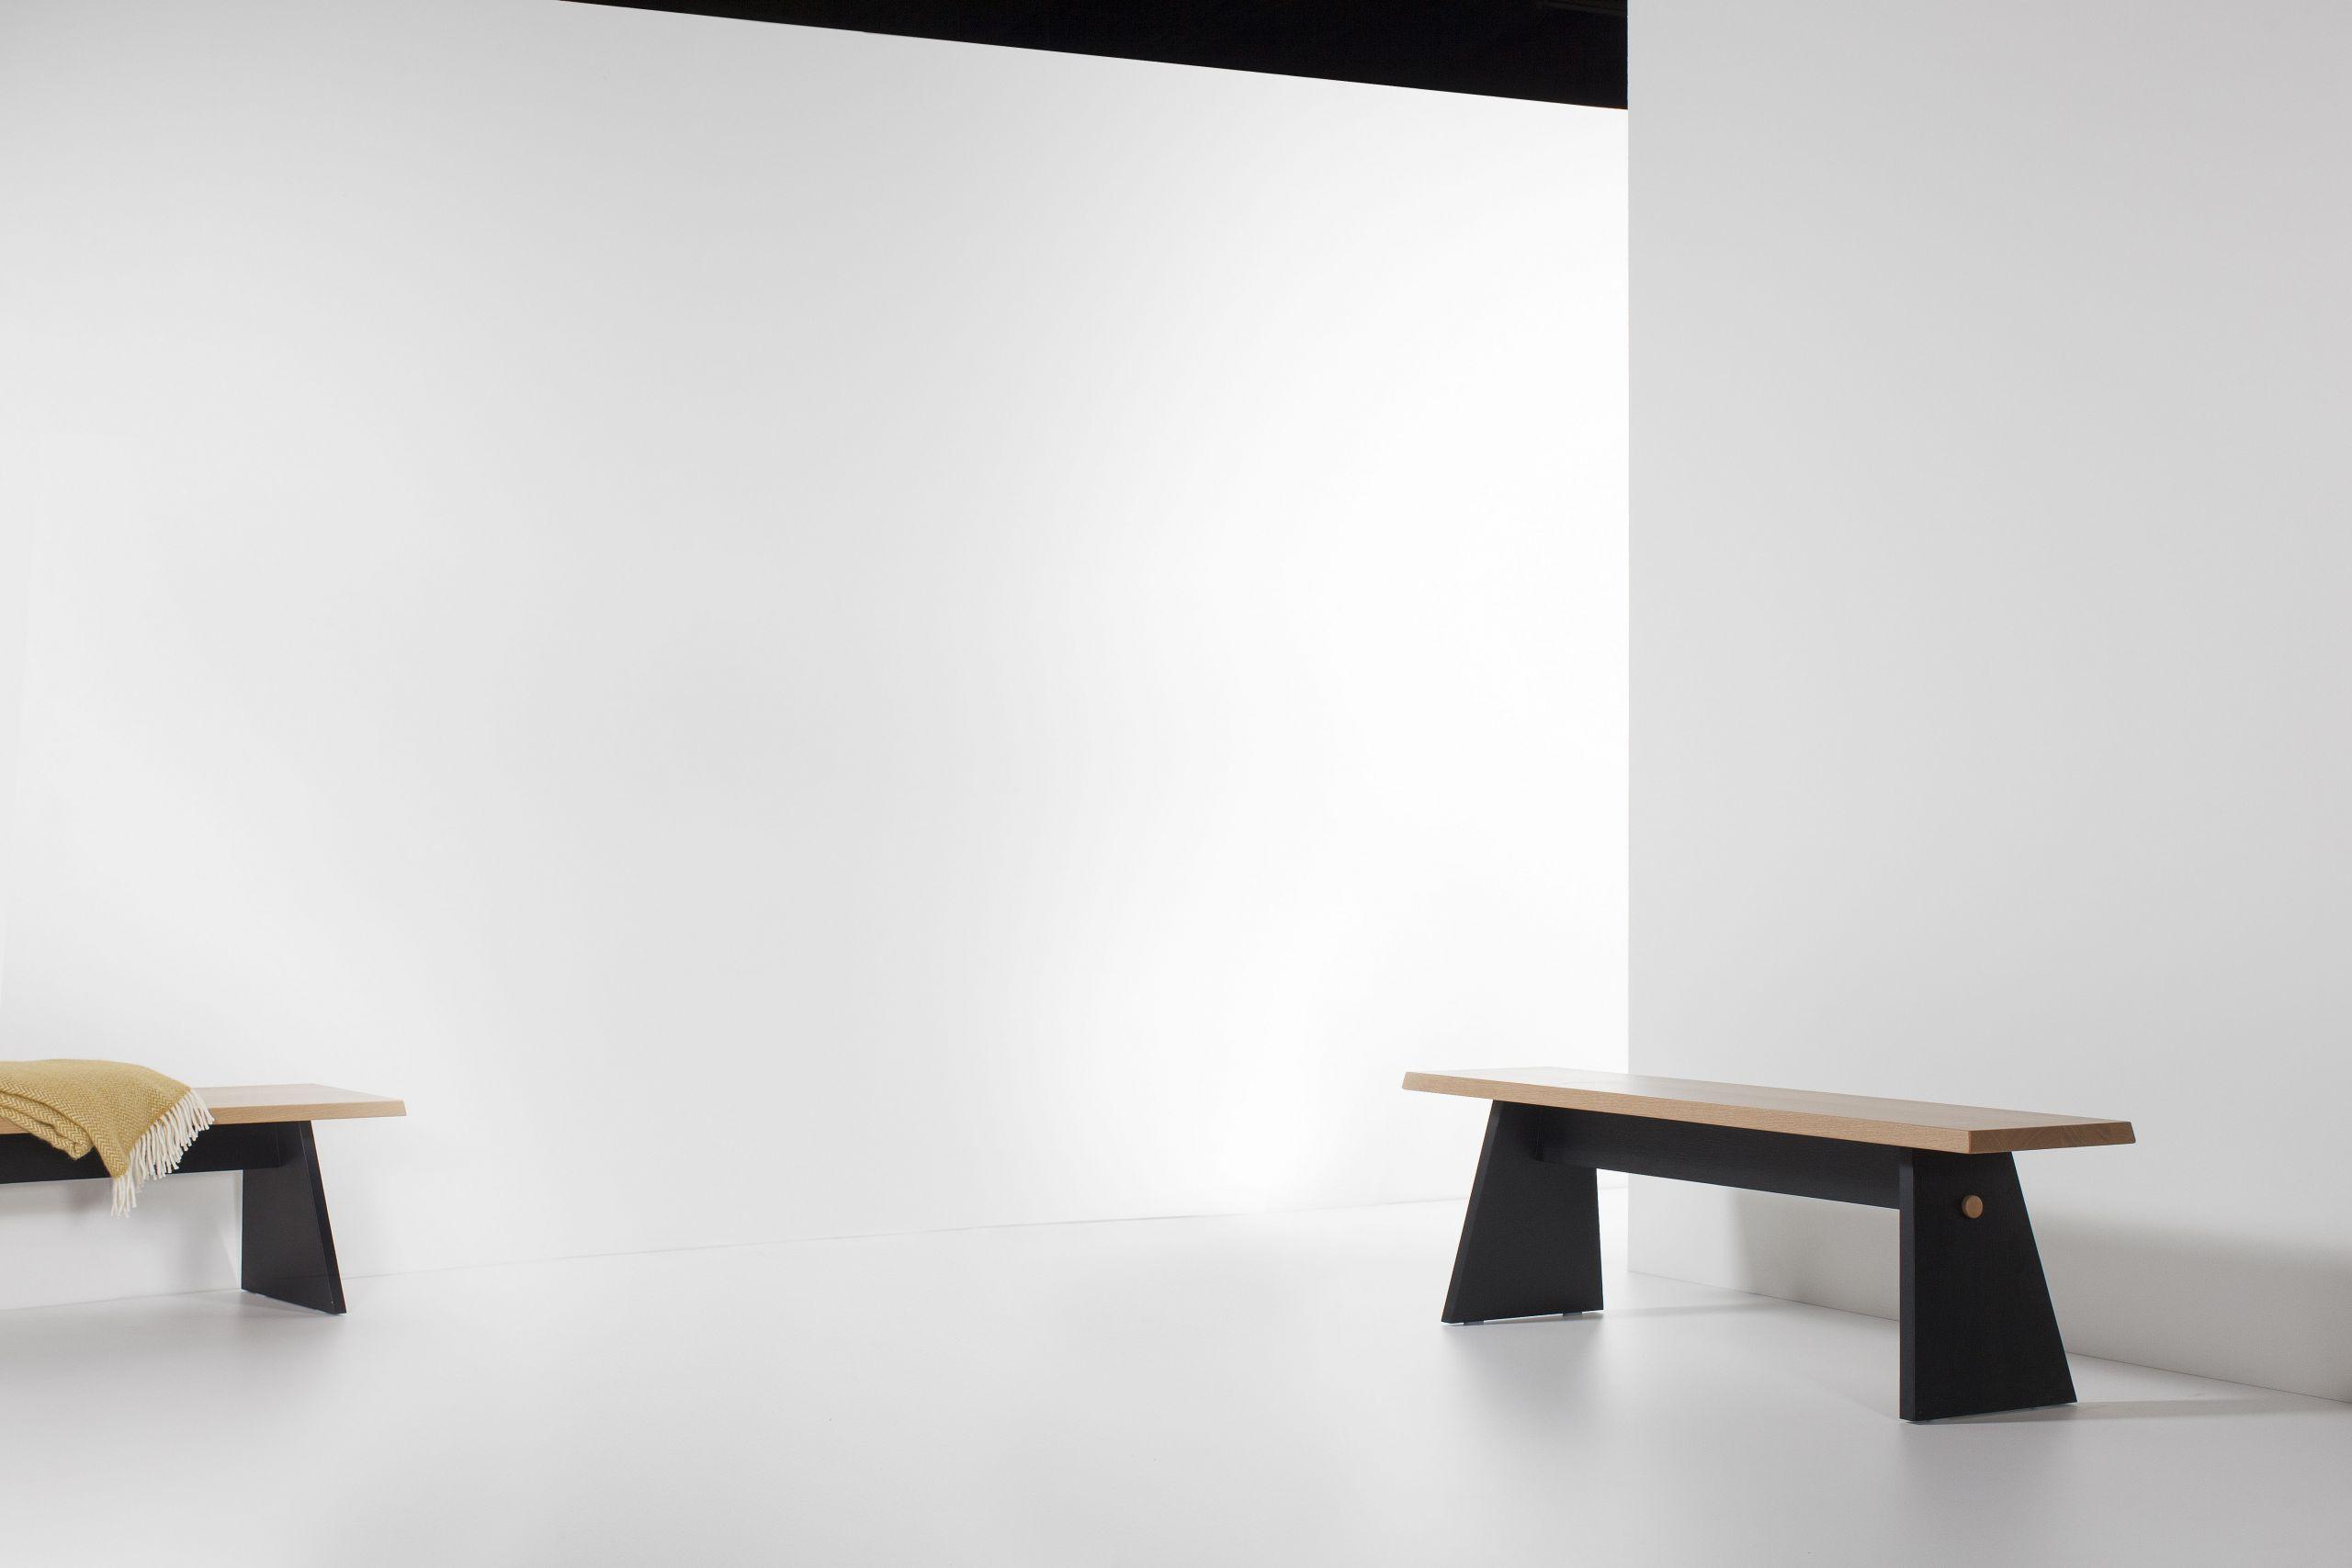 Table Exterieur Design Nouveau 1054 Meilleures Images Du Tableau Jean Fran§ois D